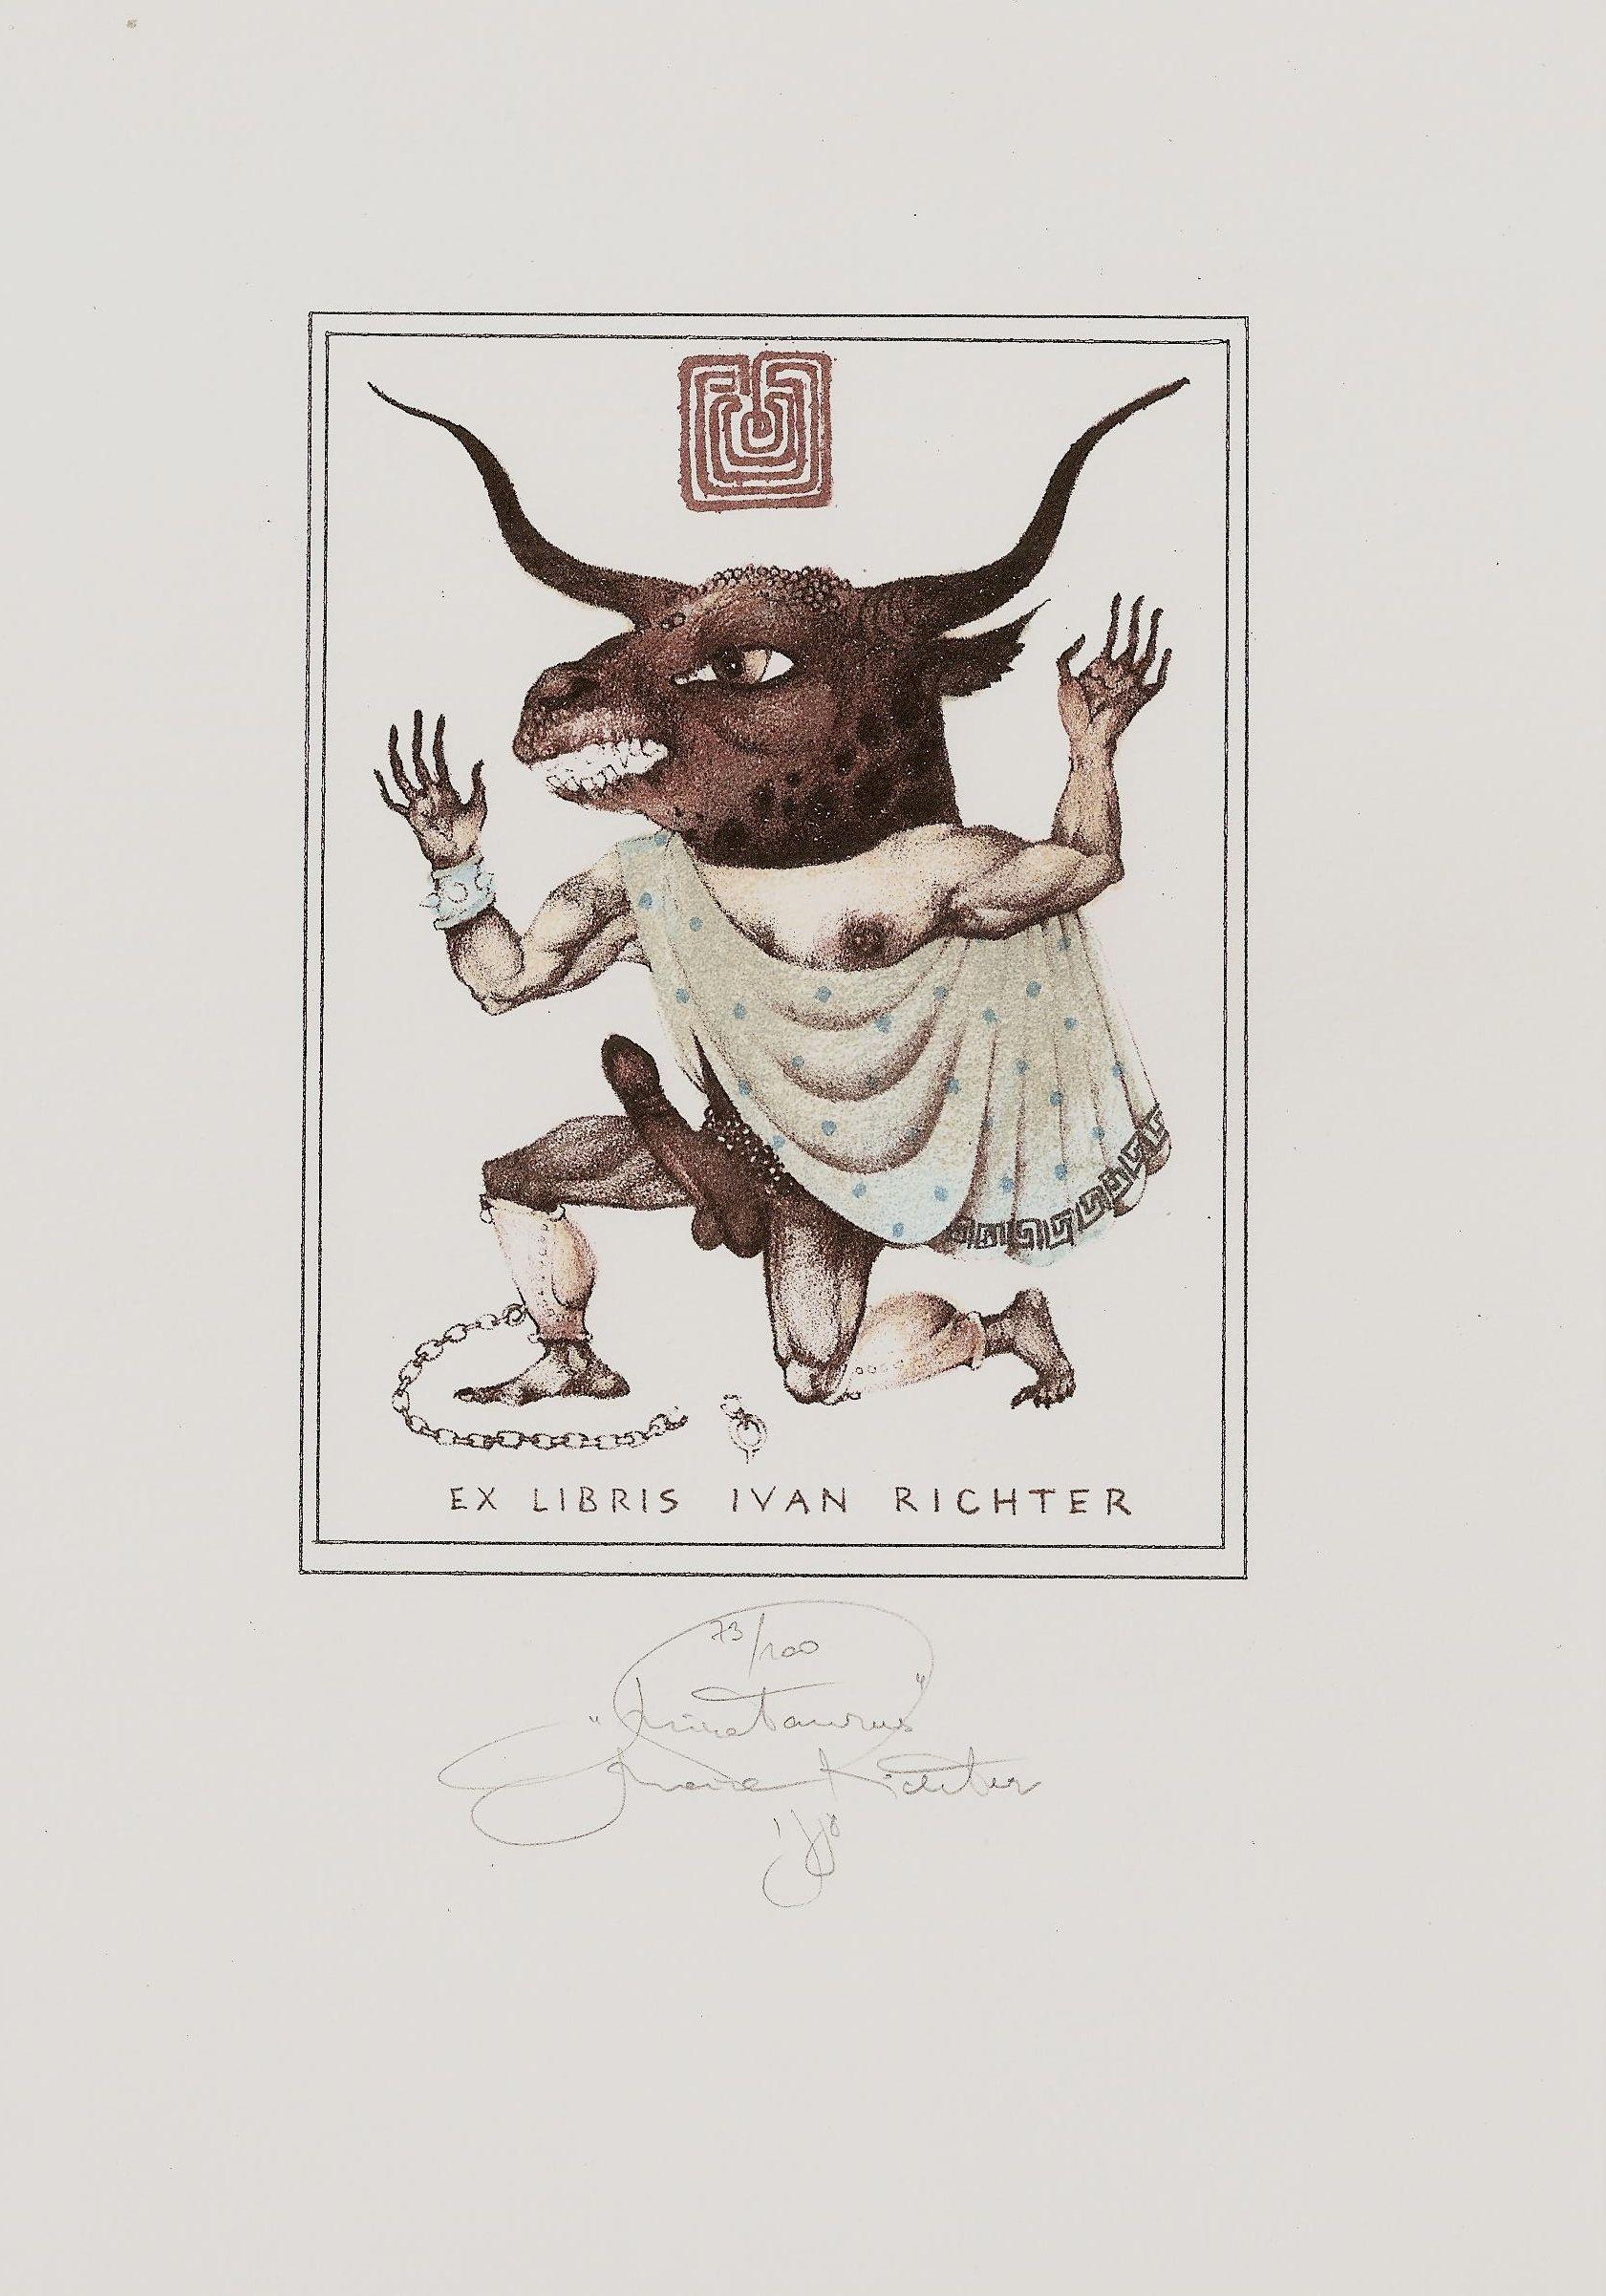 Richter Marina Byk Exlibris Ex Libris Bibliofilie Kresby